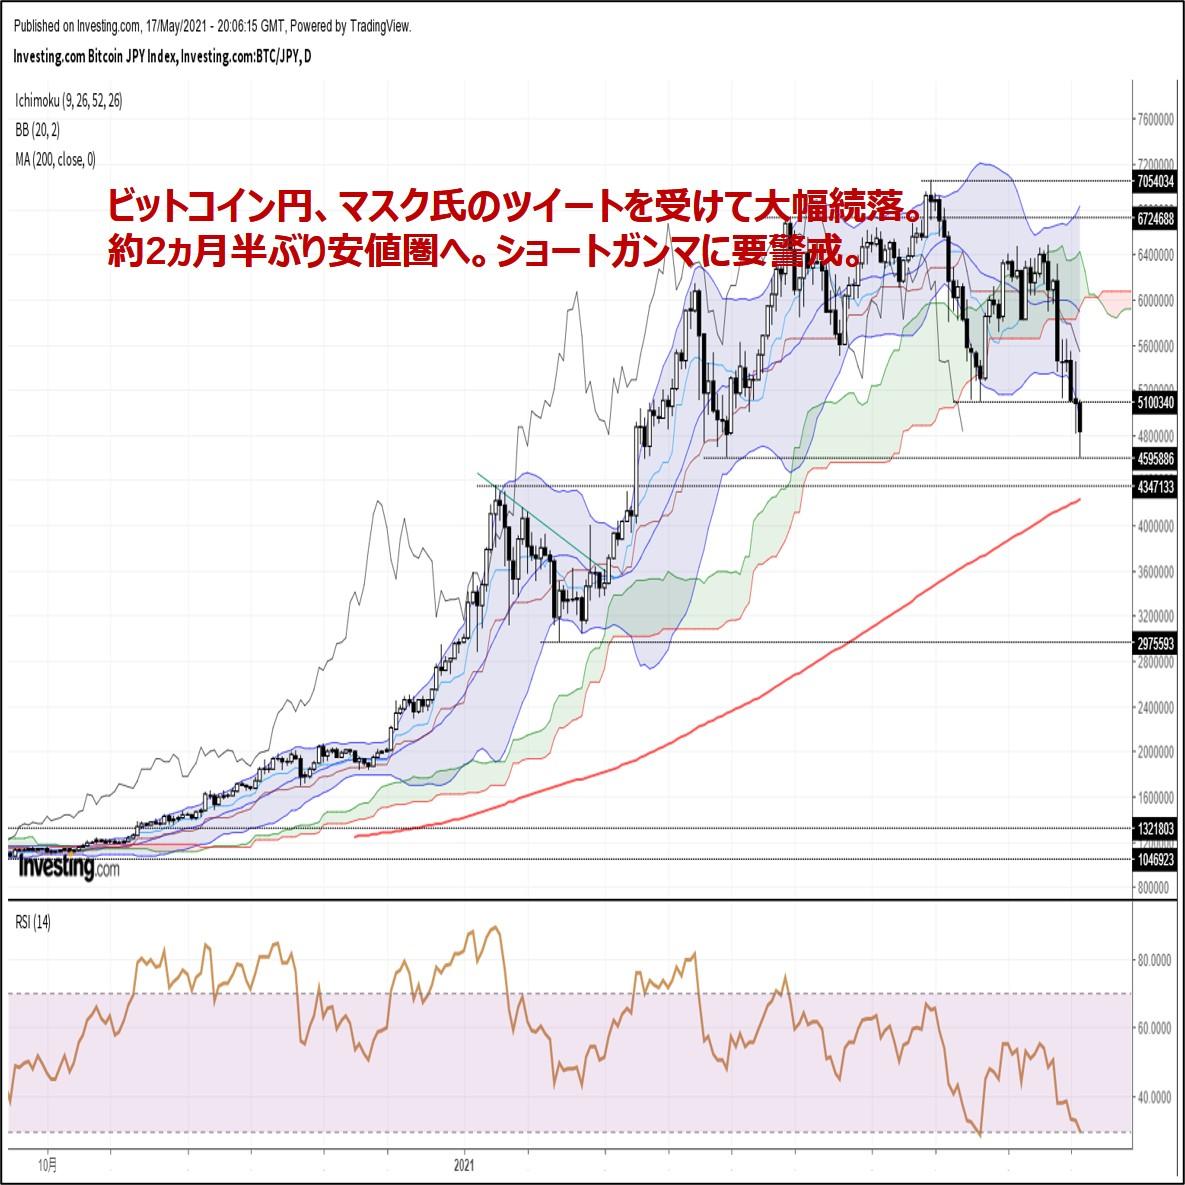 ビットコイン円、マスク氏のツイートを受けて大幅続落。約2ヵ月半ぶり安値圏へ(5/18朝)